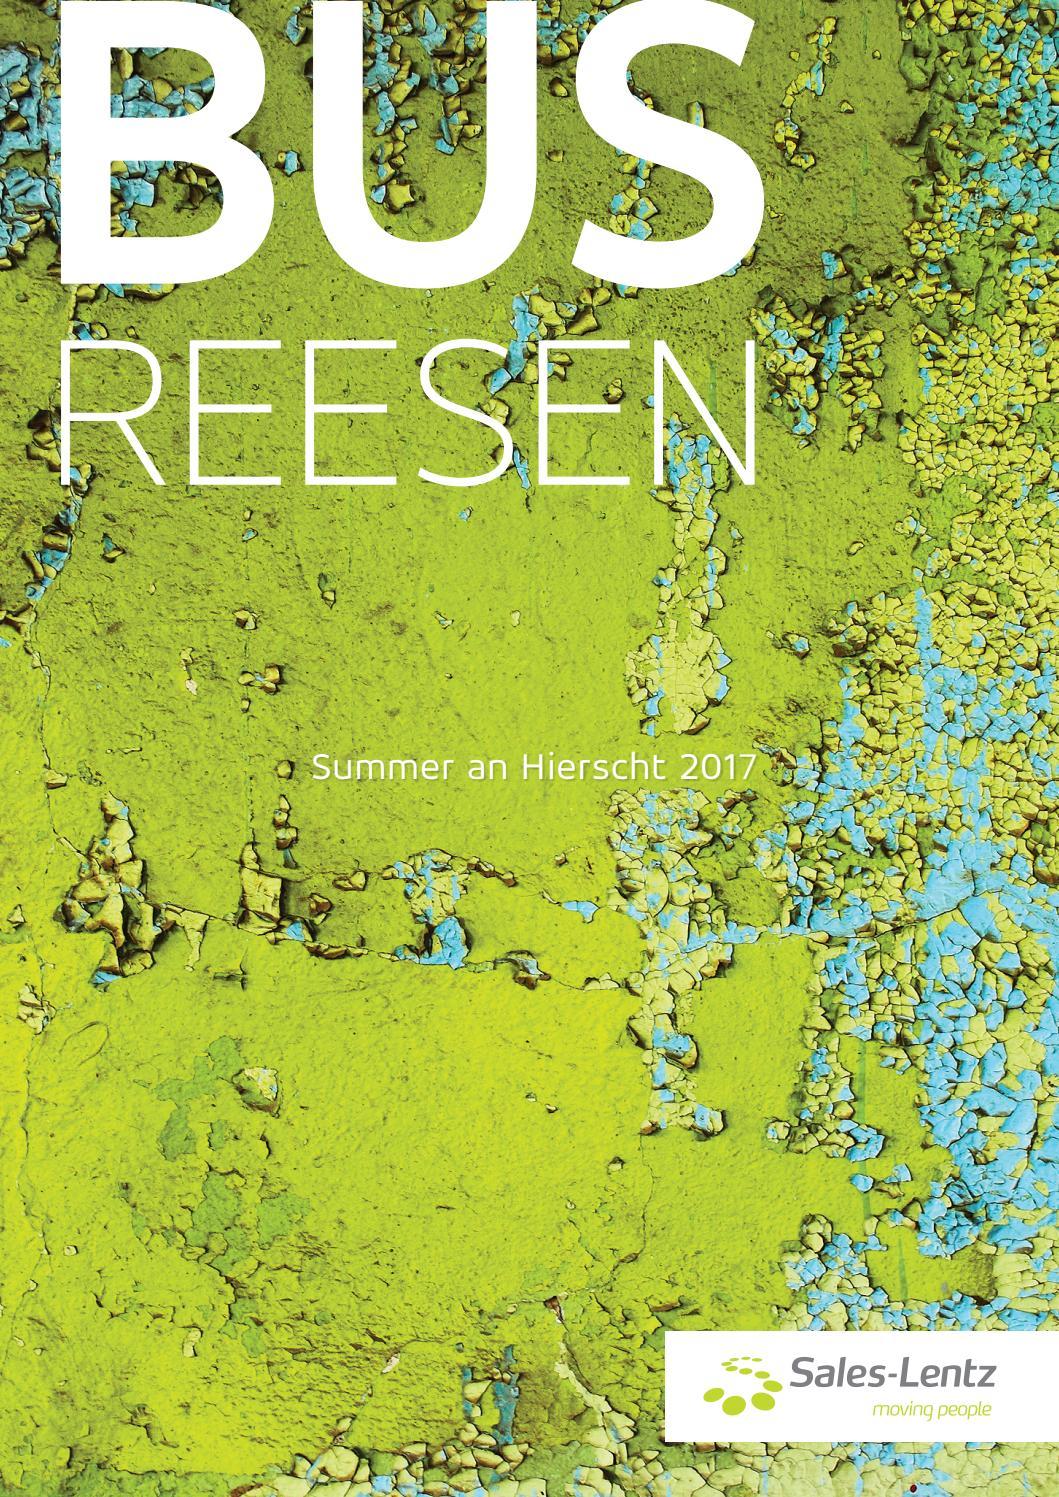 Sales Lentz Busreesen Summer An Hierscht 2017 By WLTT Sa